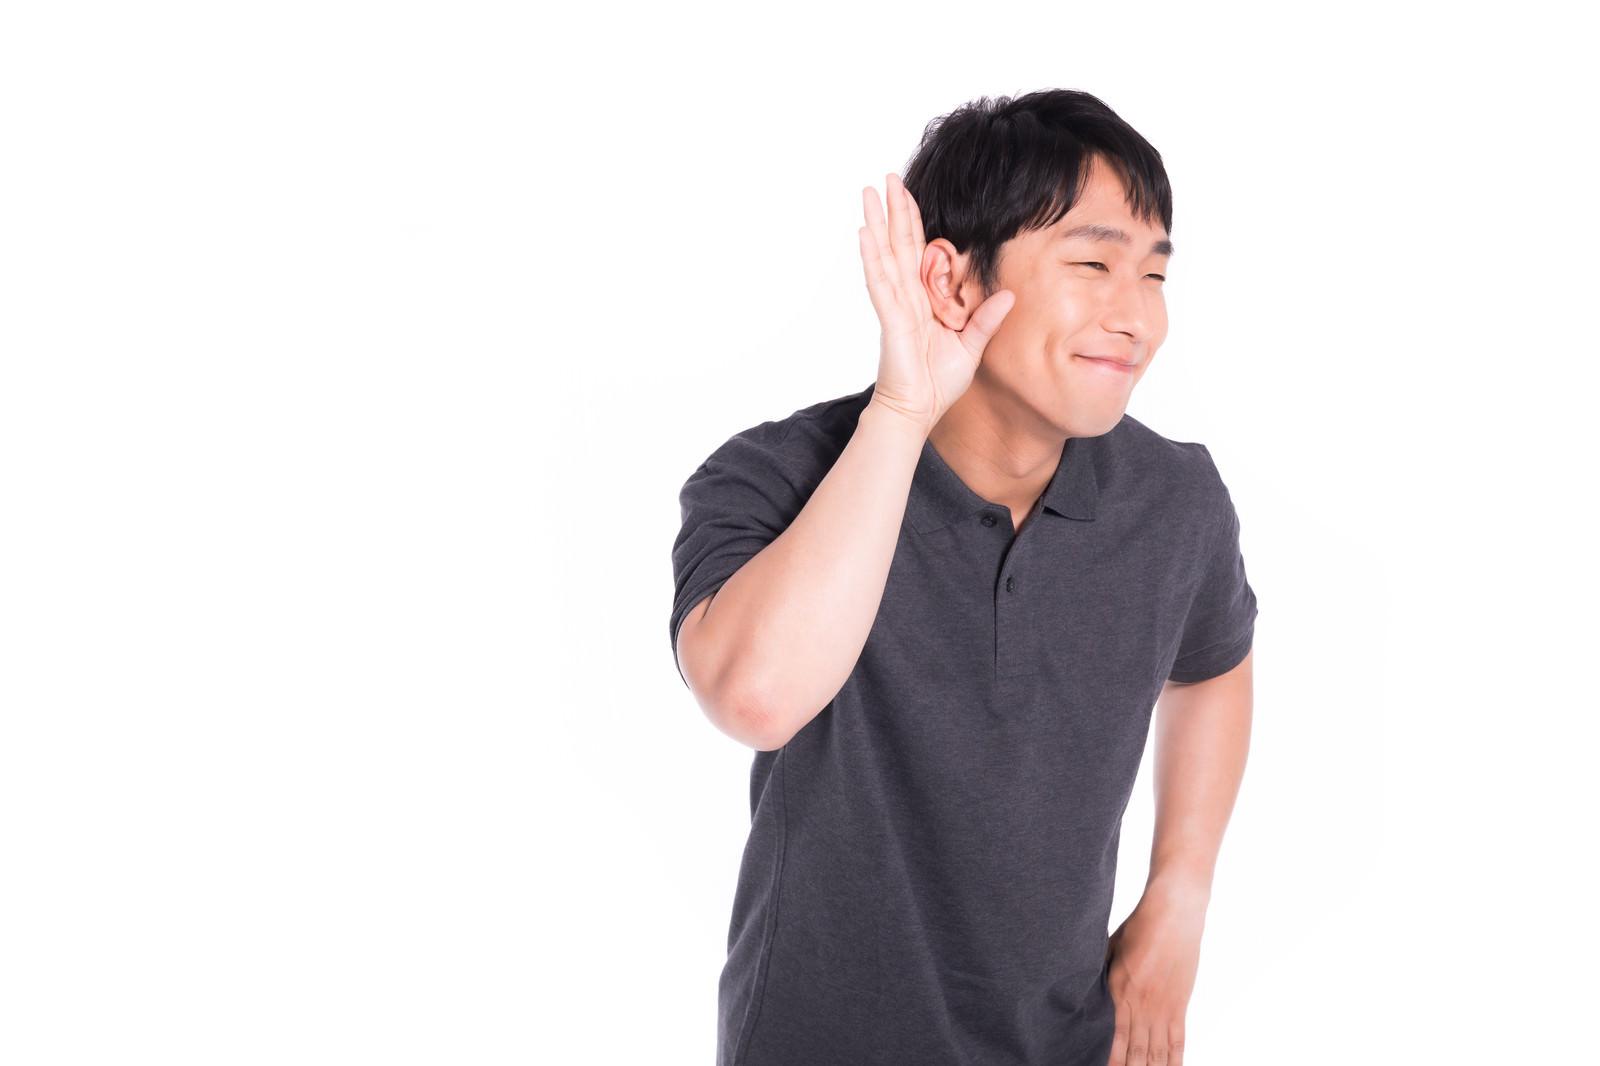 「お褒めの言葉に喜ぶショップ店員」の写真[モデル:大川竜弥]